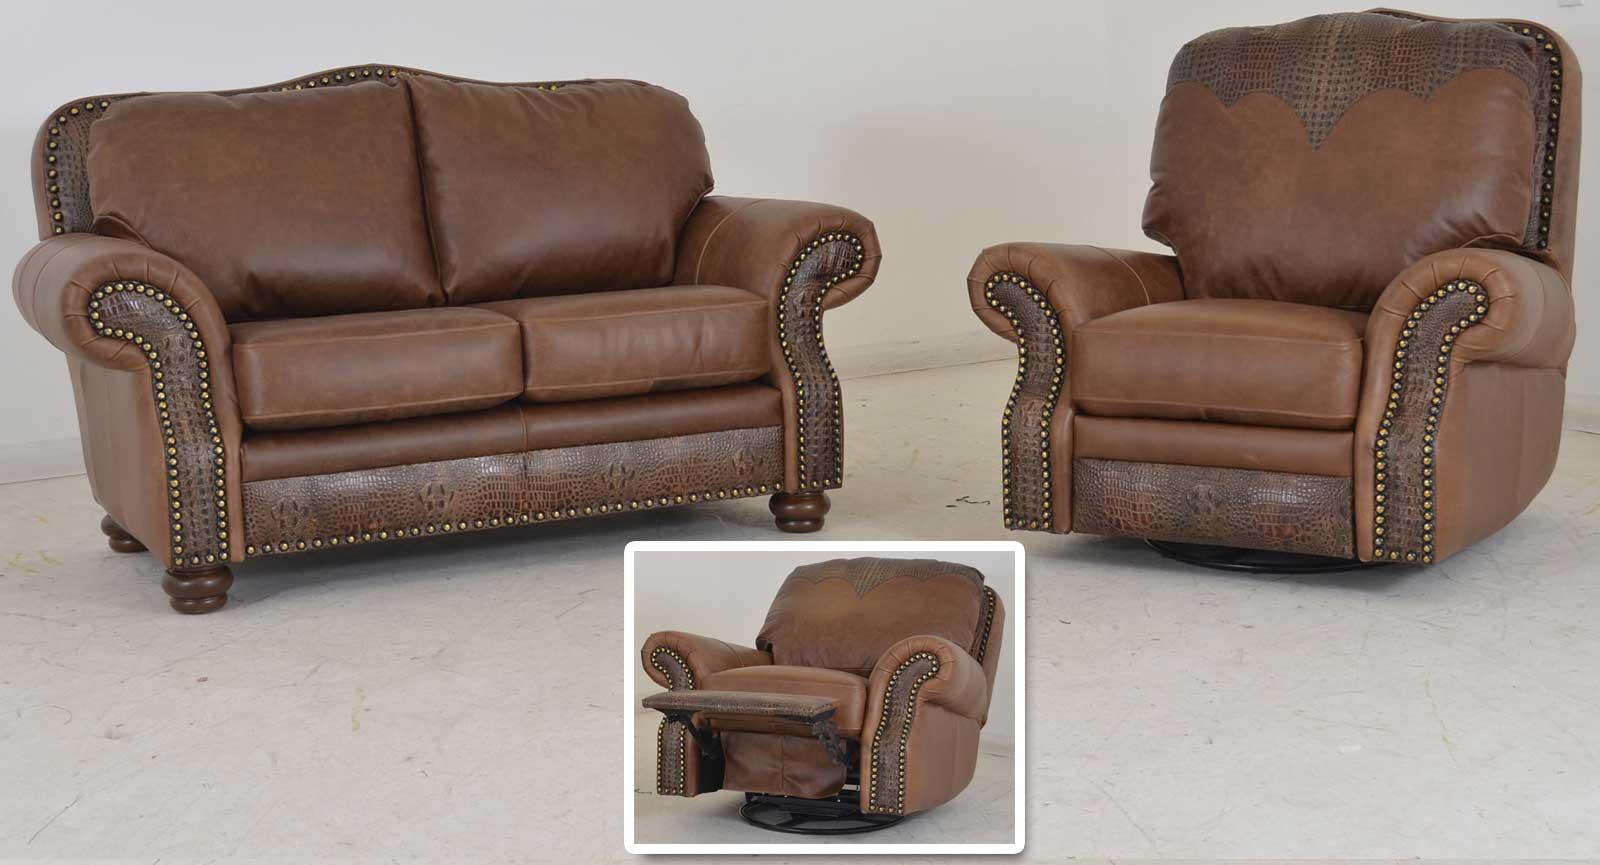 milano sofa the leather sofa company